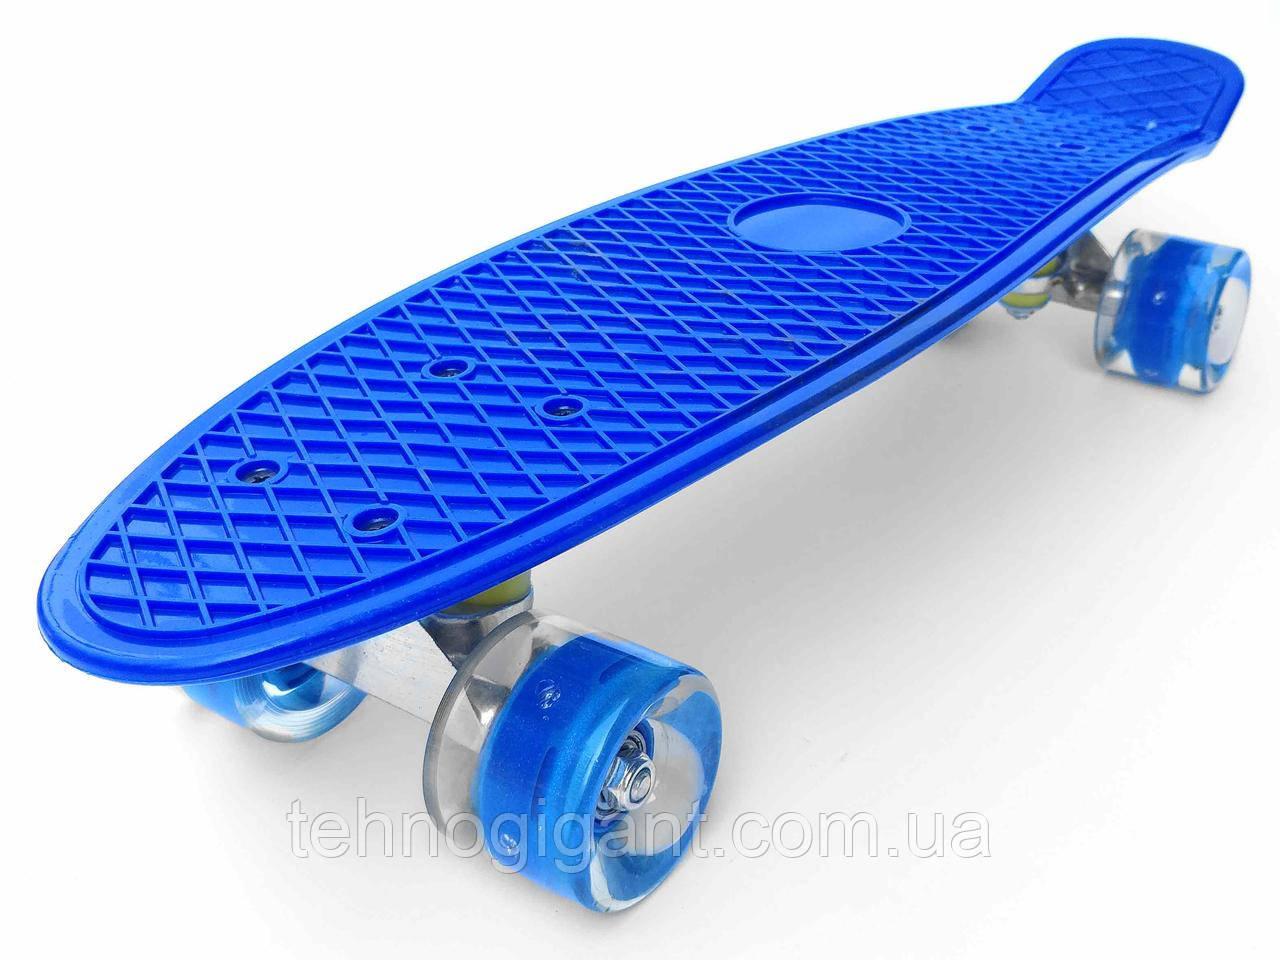 Скейт Penny Board, із широкими світлими колесами Пенні борд, дитячий , від 4 років, Колір Синій